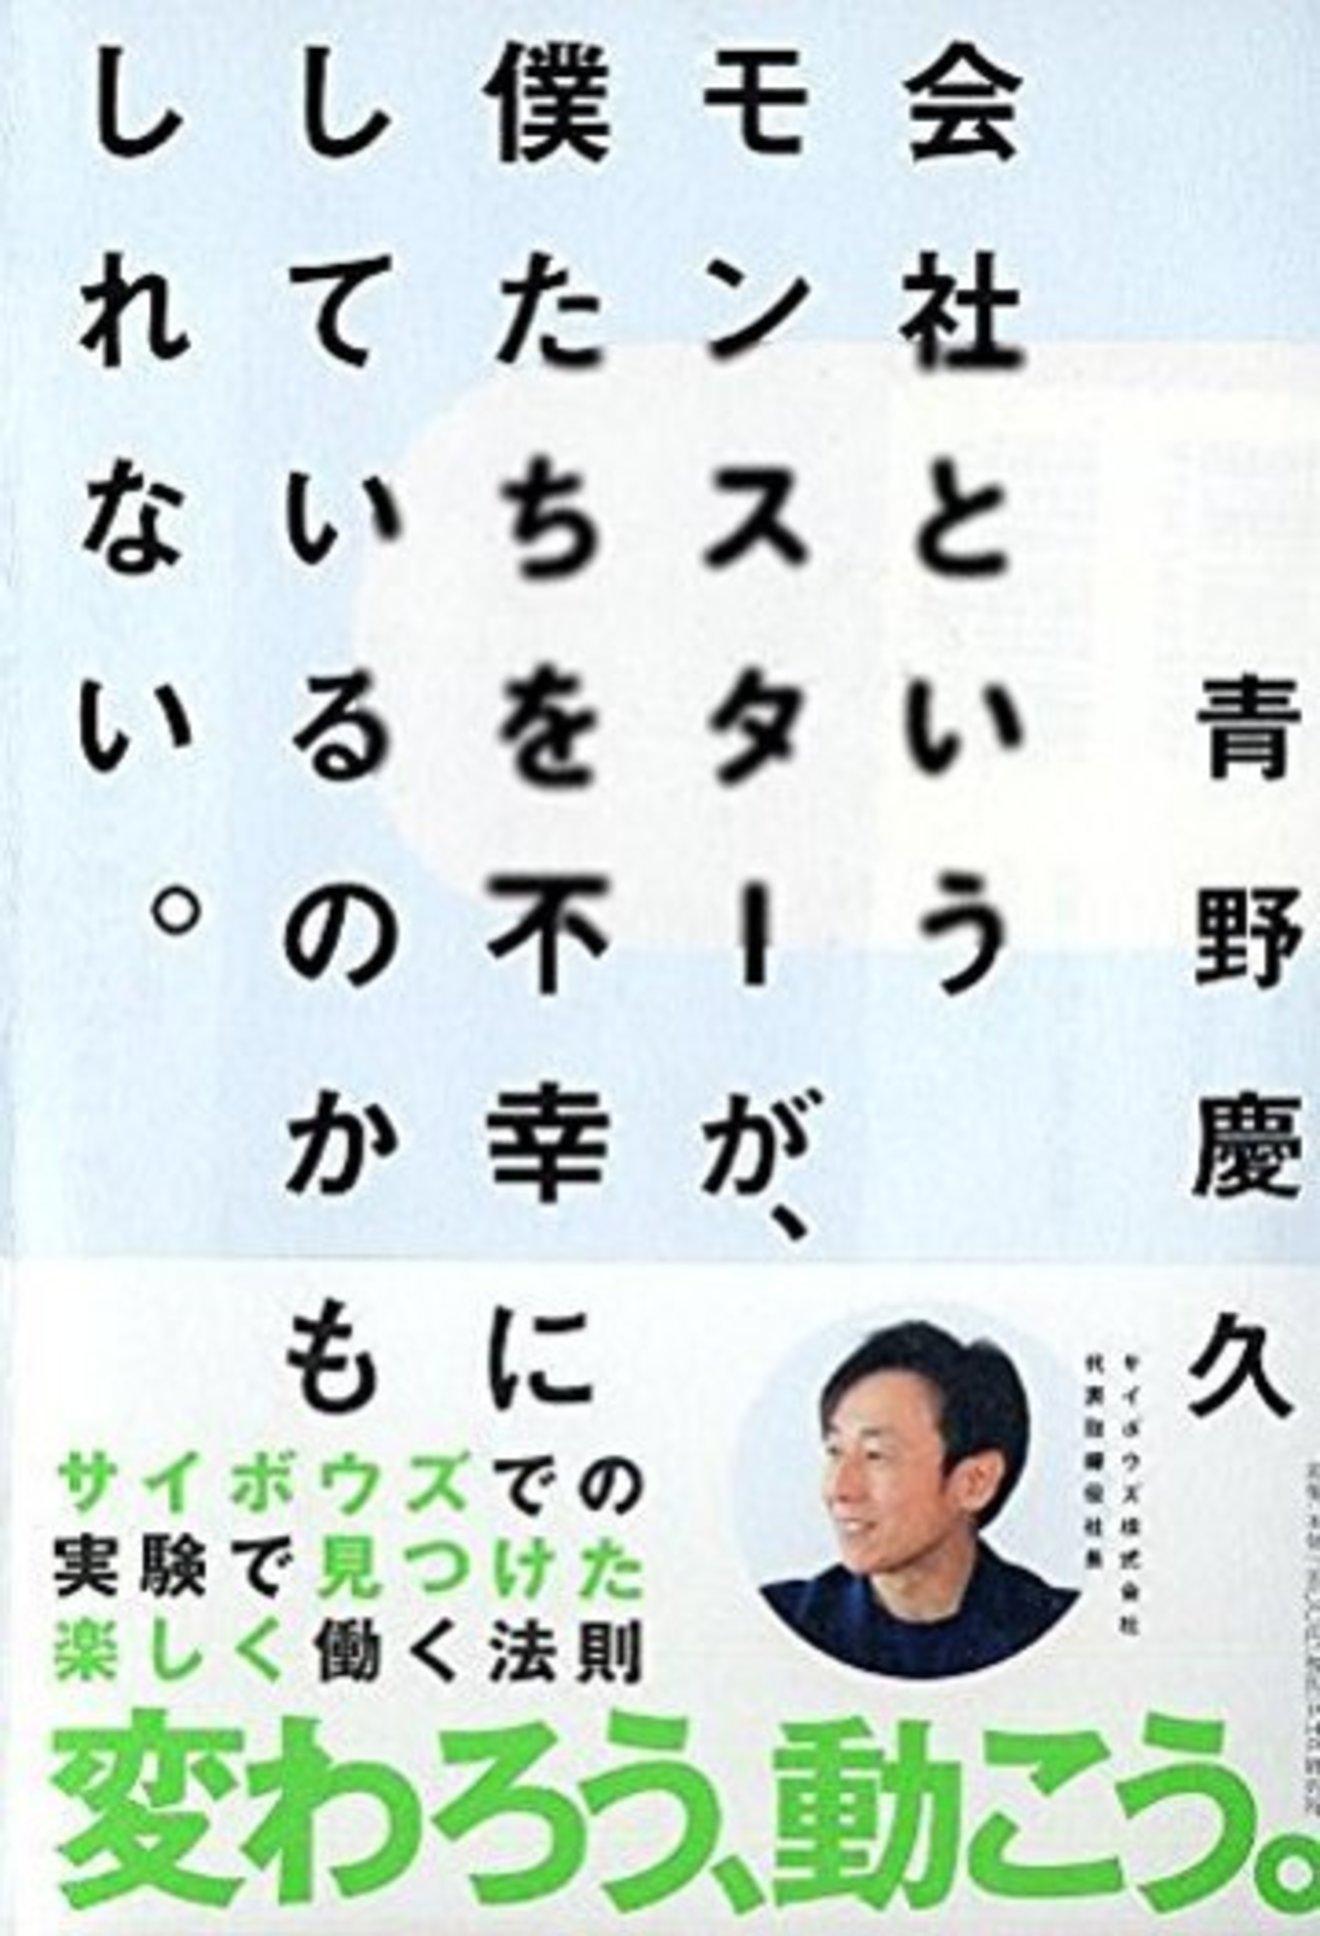 サイボウズ・青野社長は、なぜ会社を「モンスター」と表現したのか?